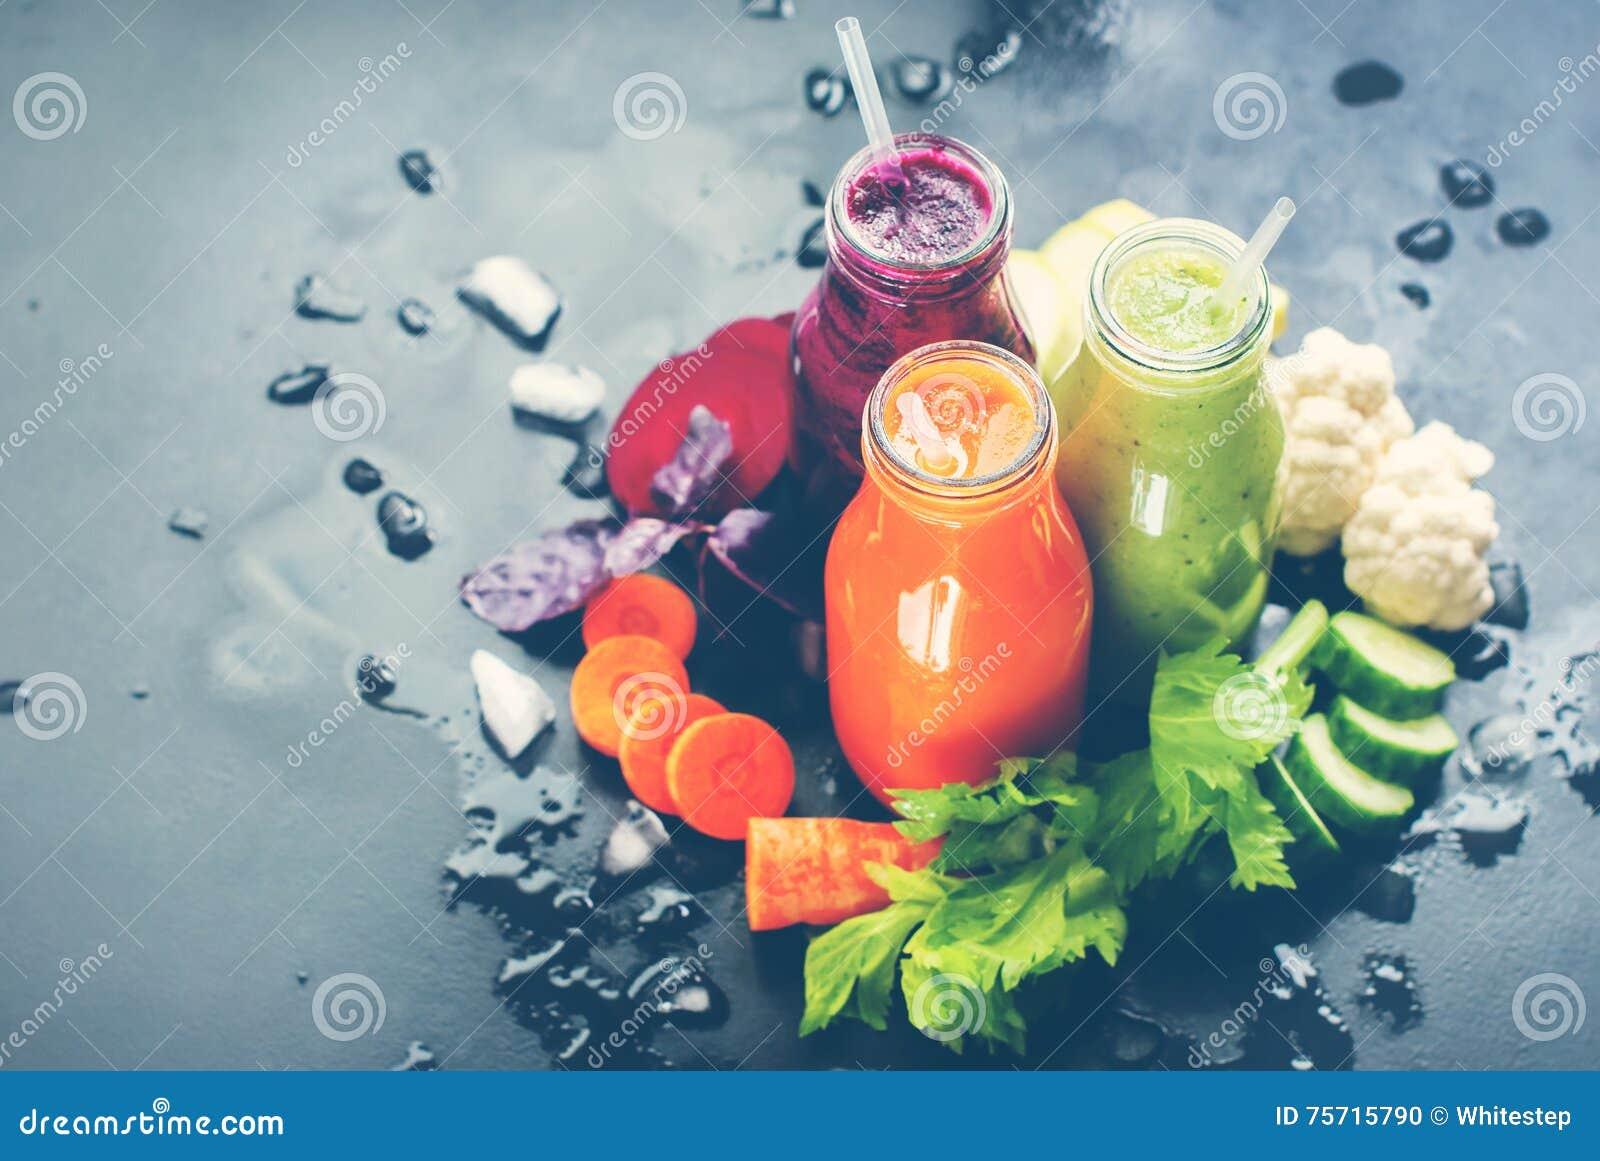 Vers Gestemd Juice Smoothie Color Vegetables Bottle